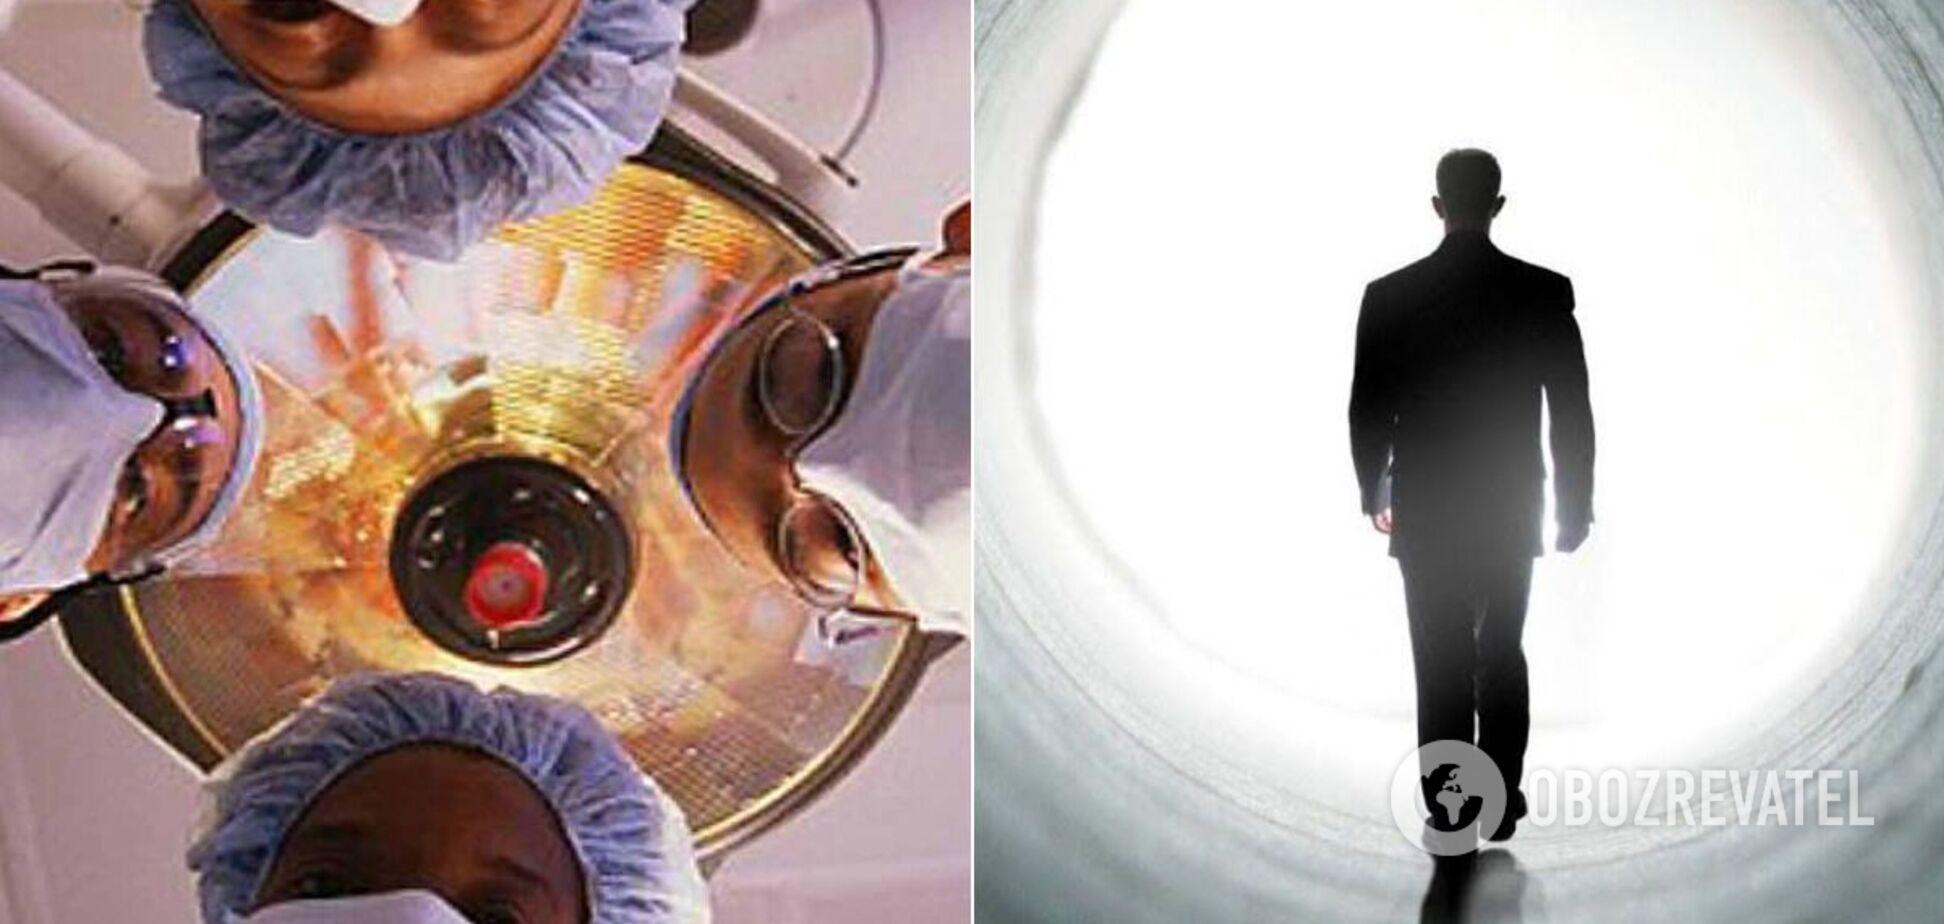 Ученый рассказал, что чувствуют люди, когда умирают. Источник: Фото: Corbis / YouTube.com